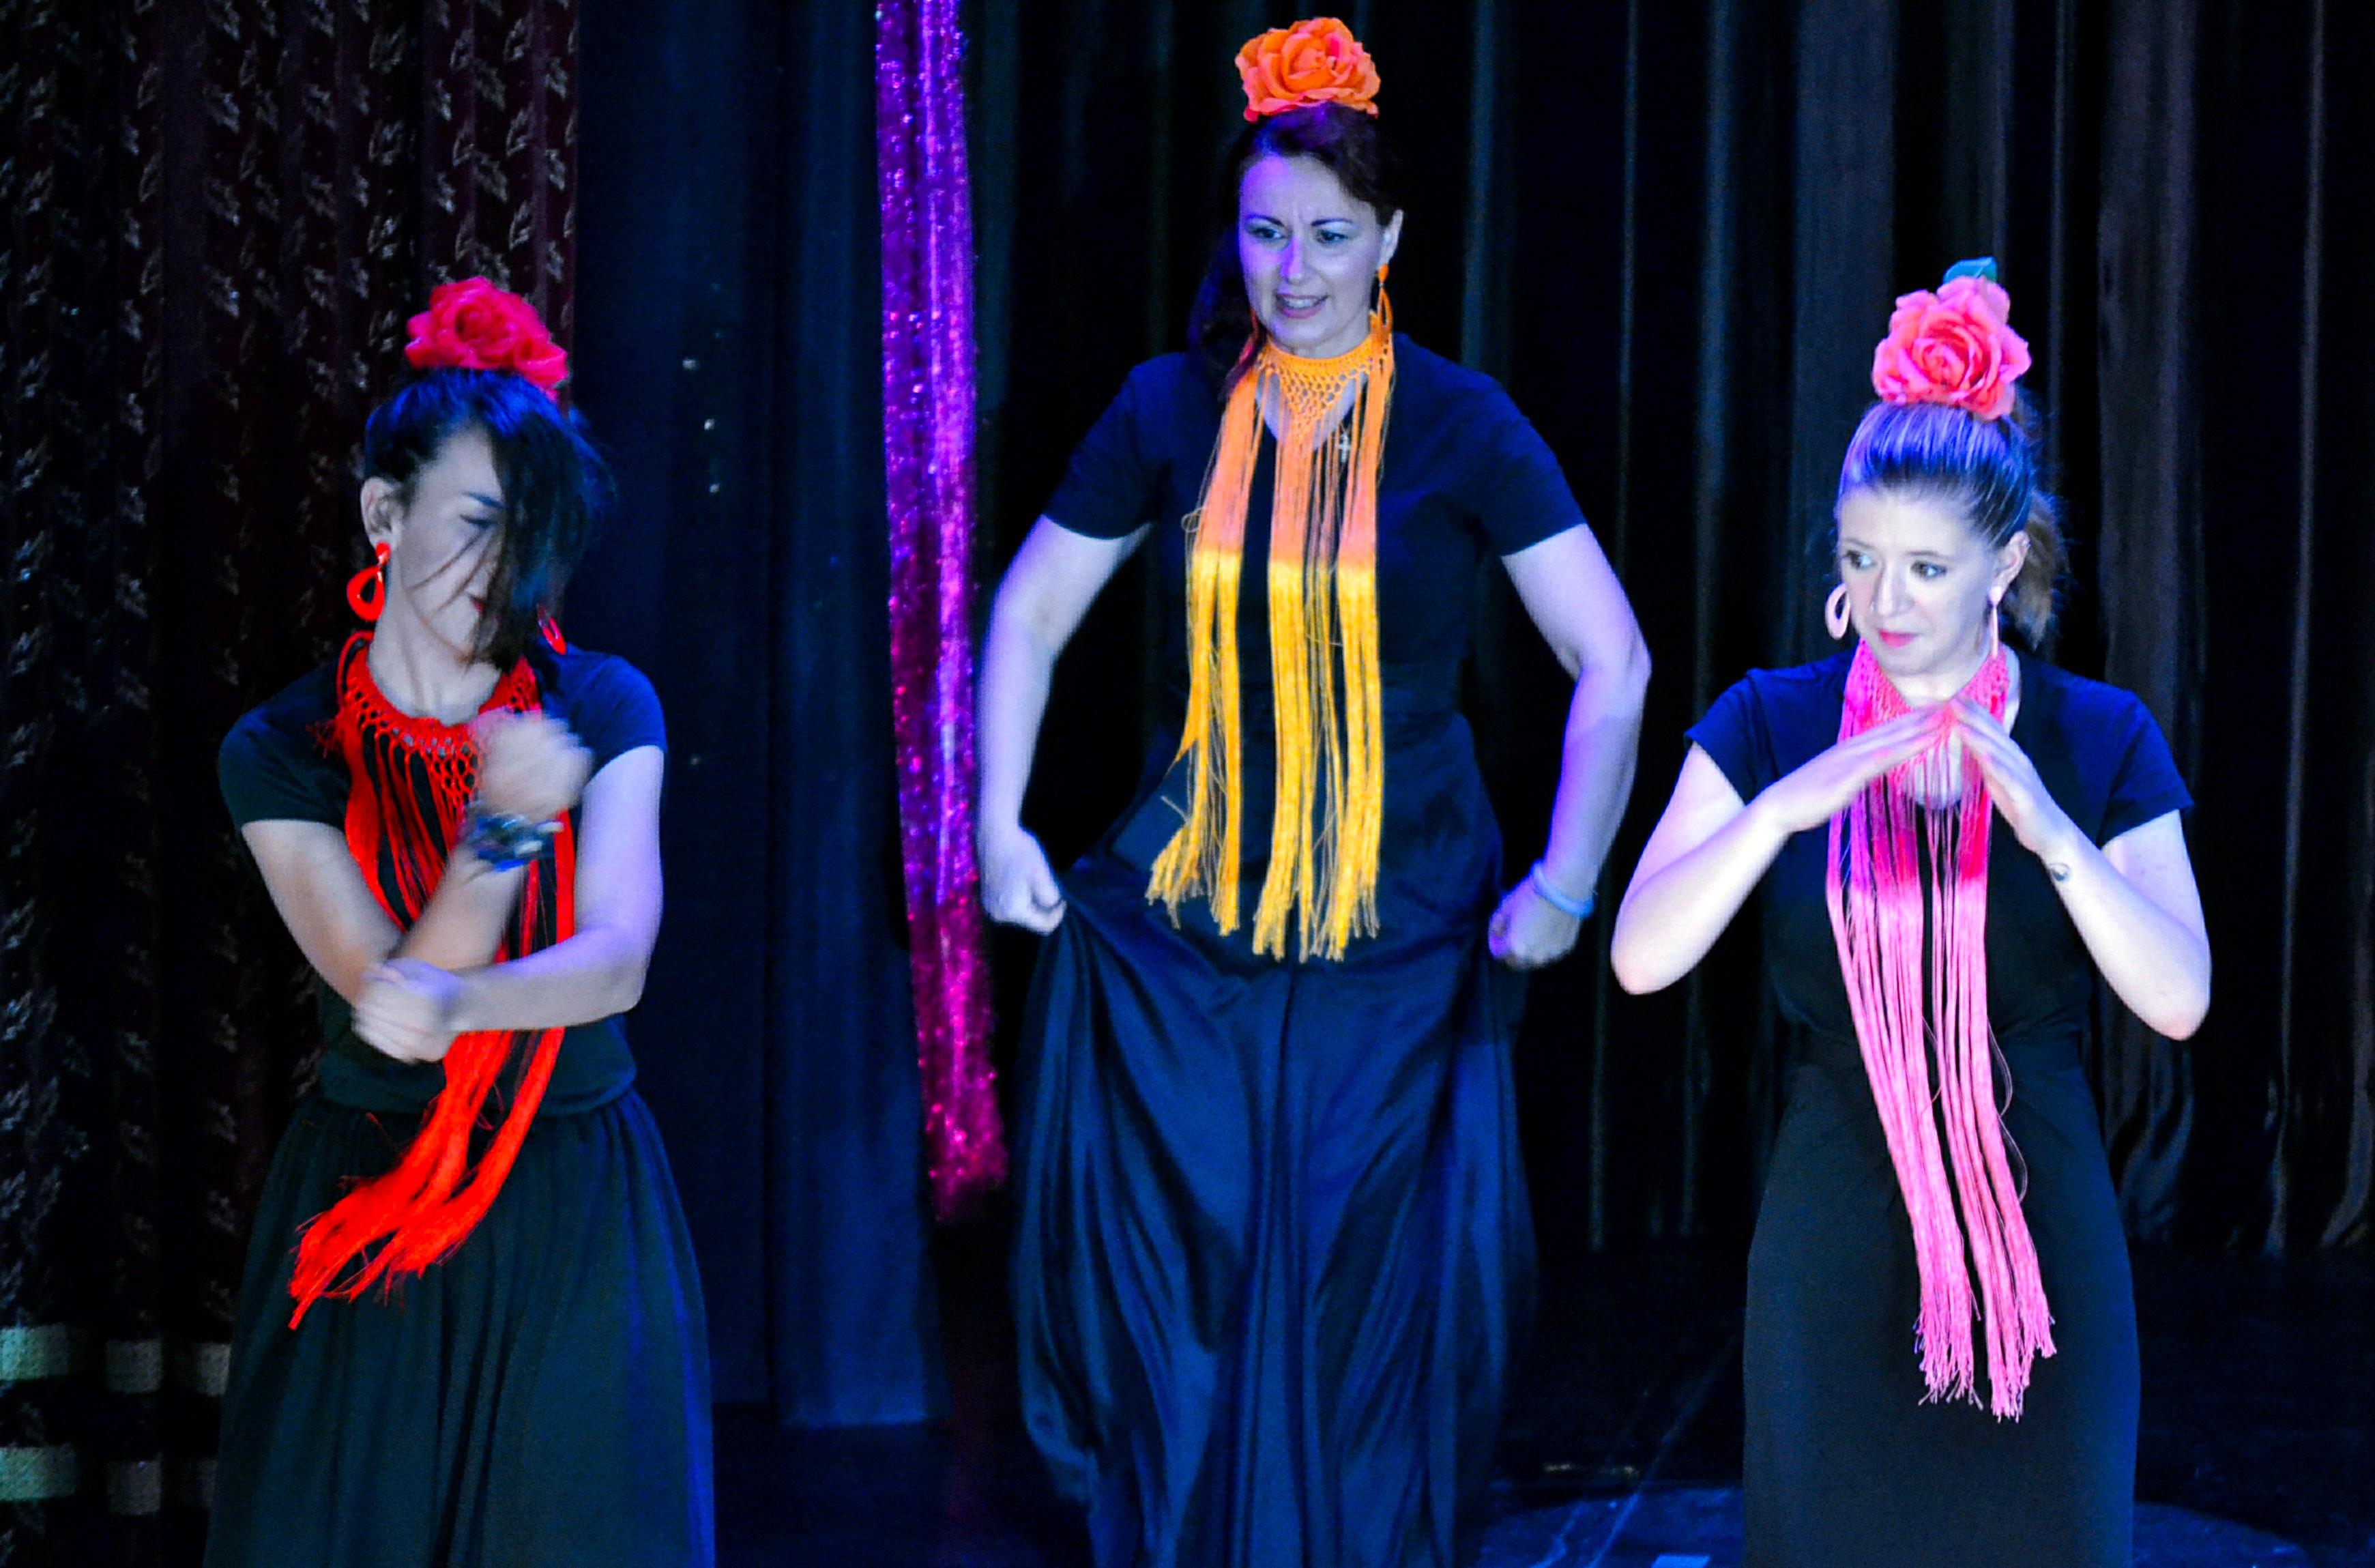 Linea-de-Baile-festival-verano-2015-clases-de-baile-valencia-172